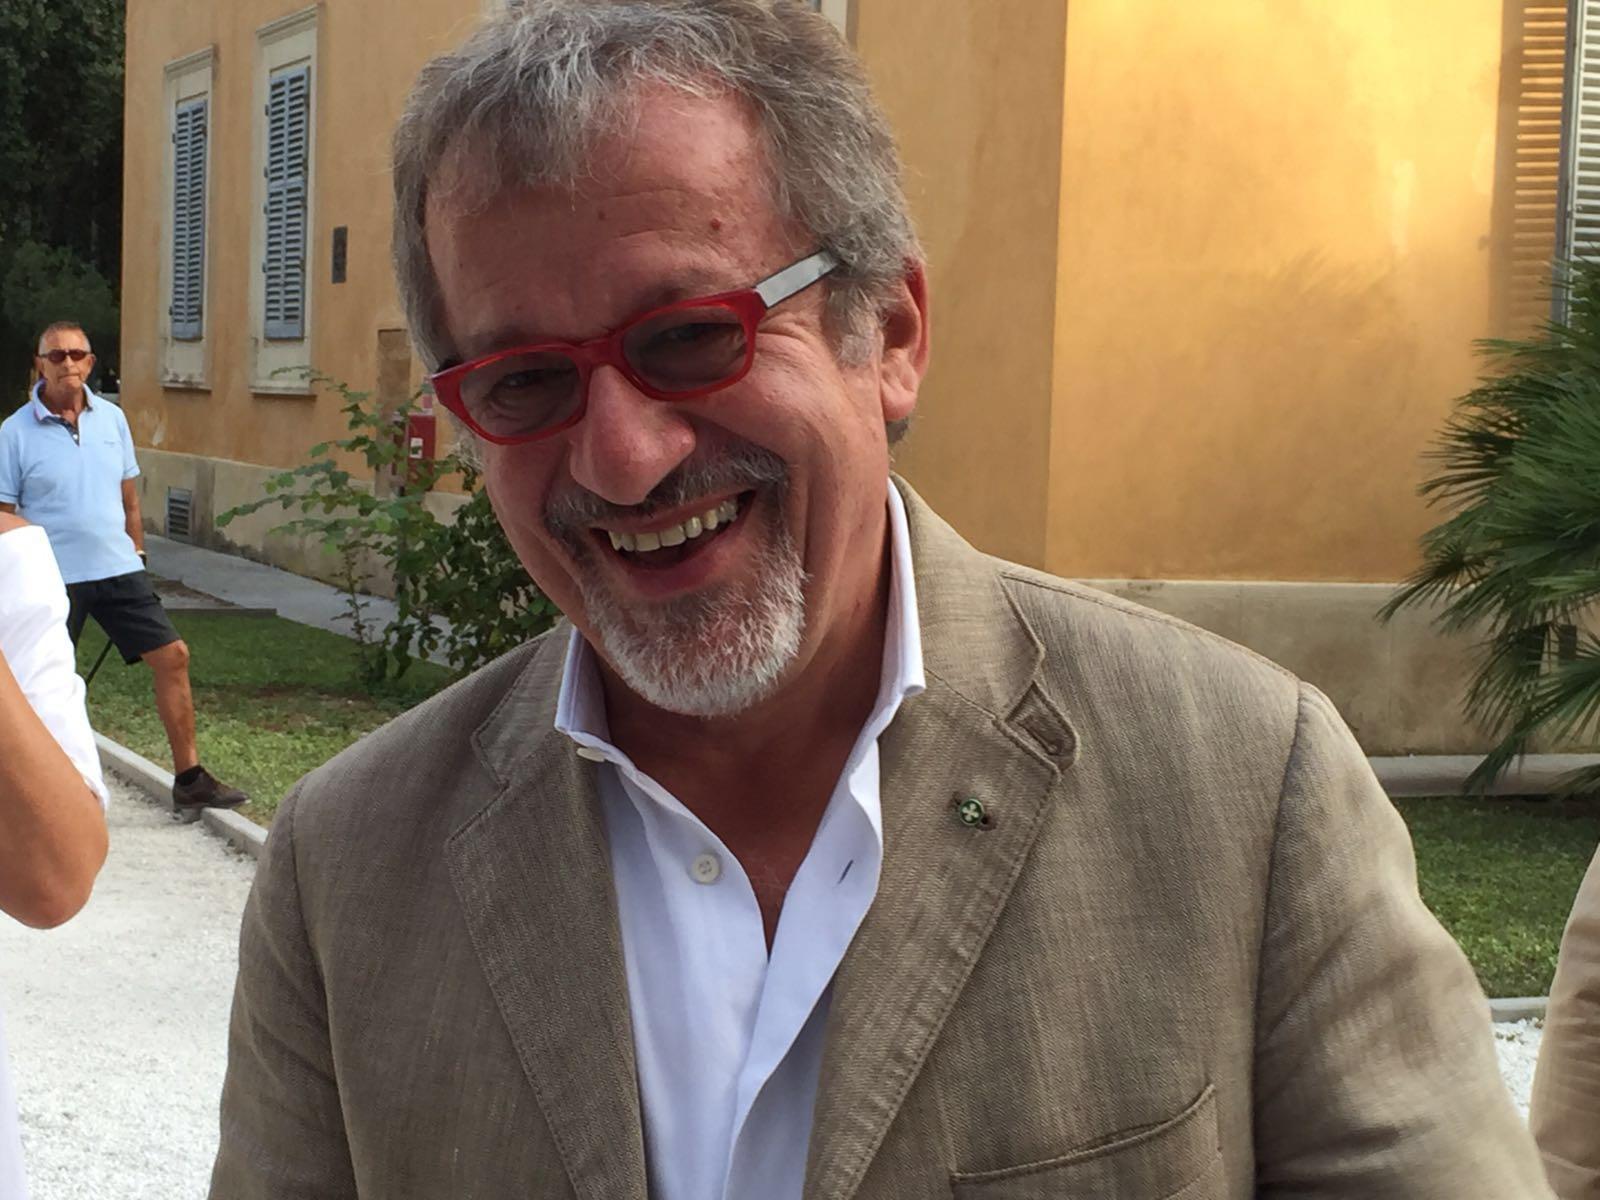 Immigrazione e clandestini al centro dell'incontro con Roberto Maroni al Caffè della Versiliana